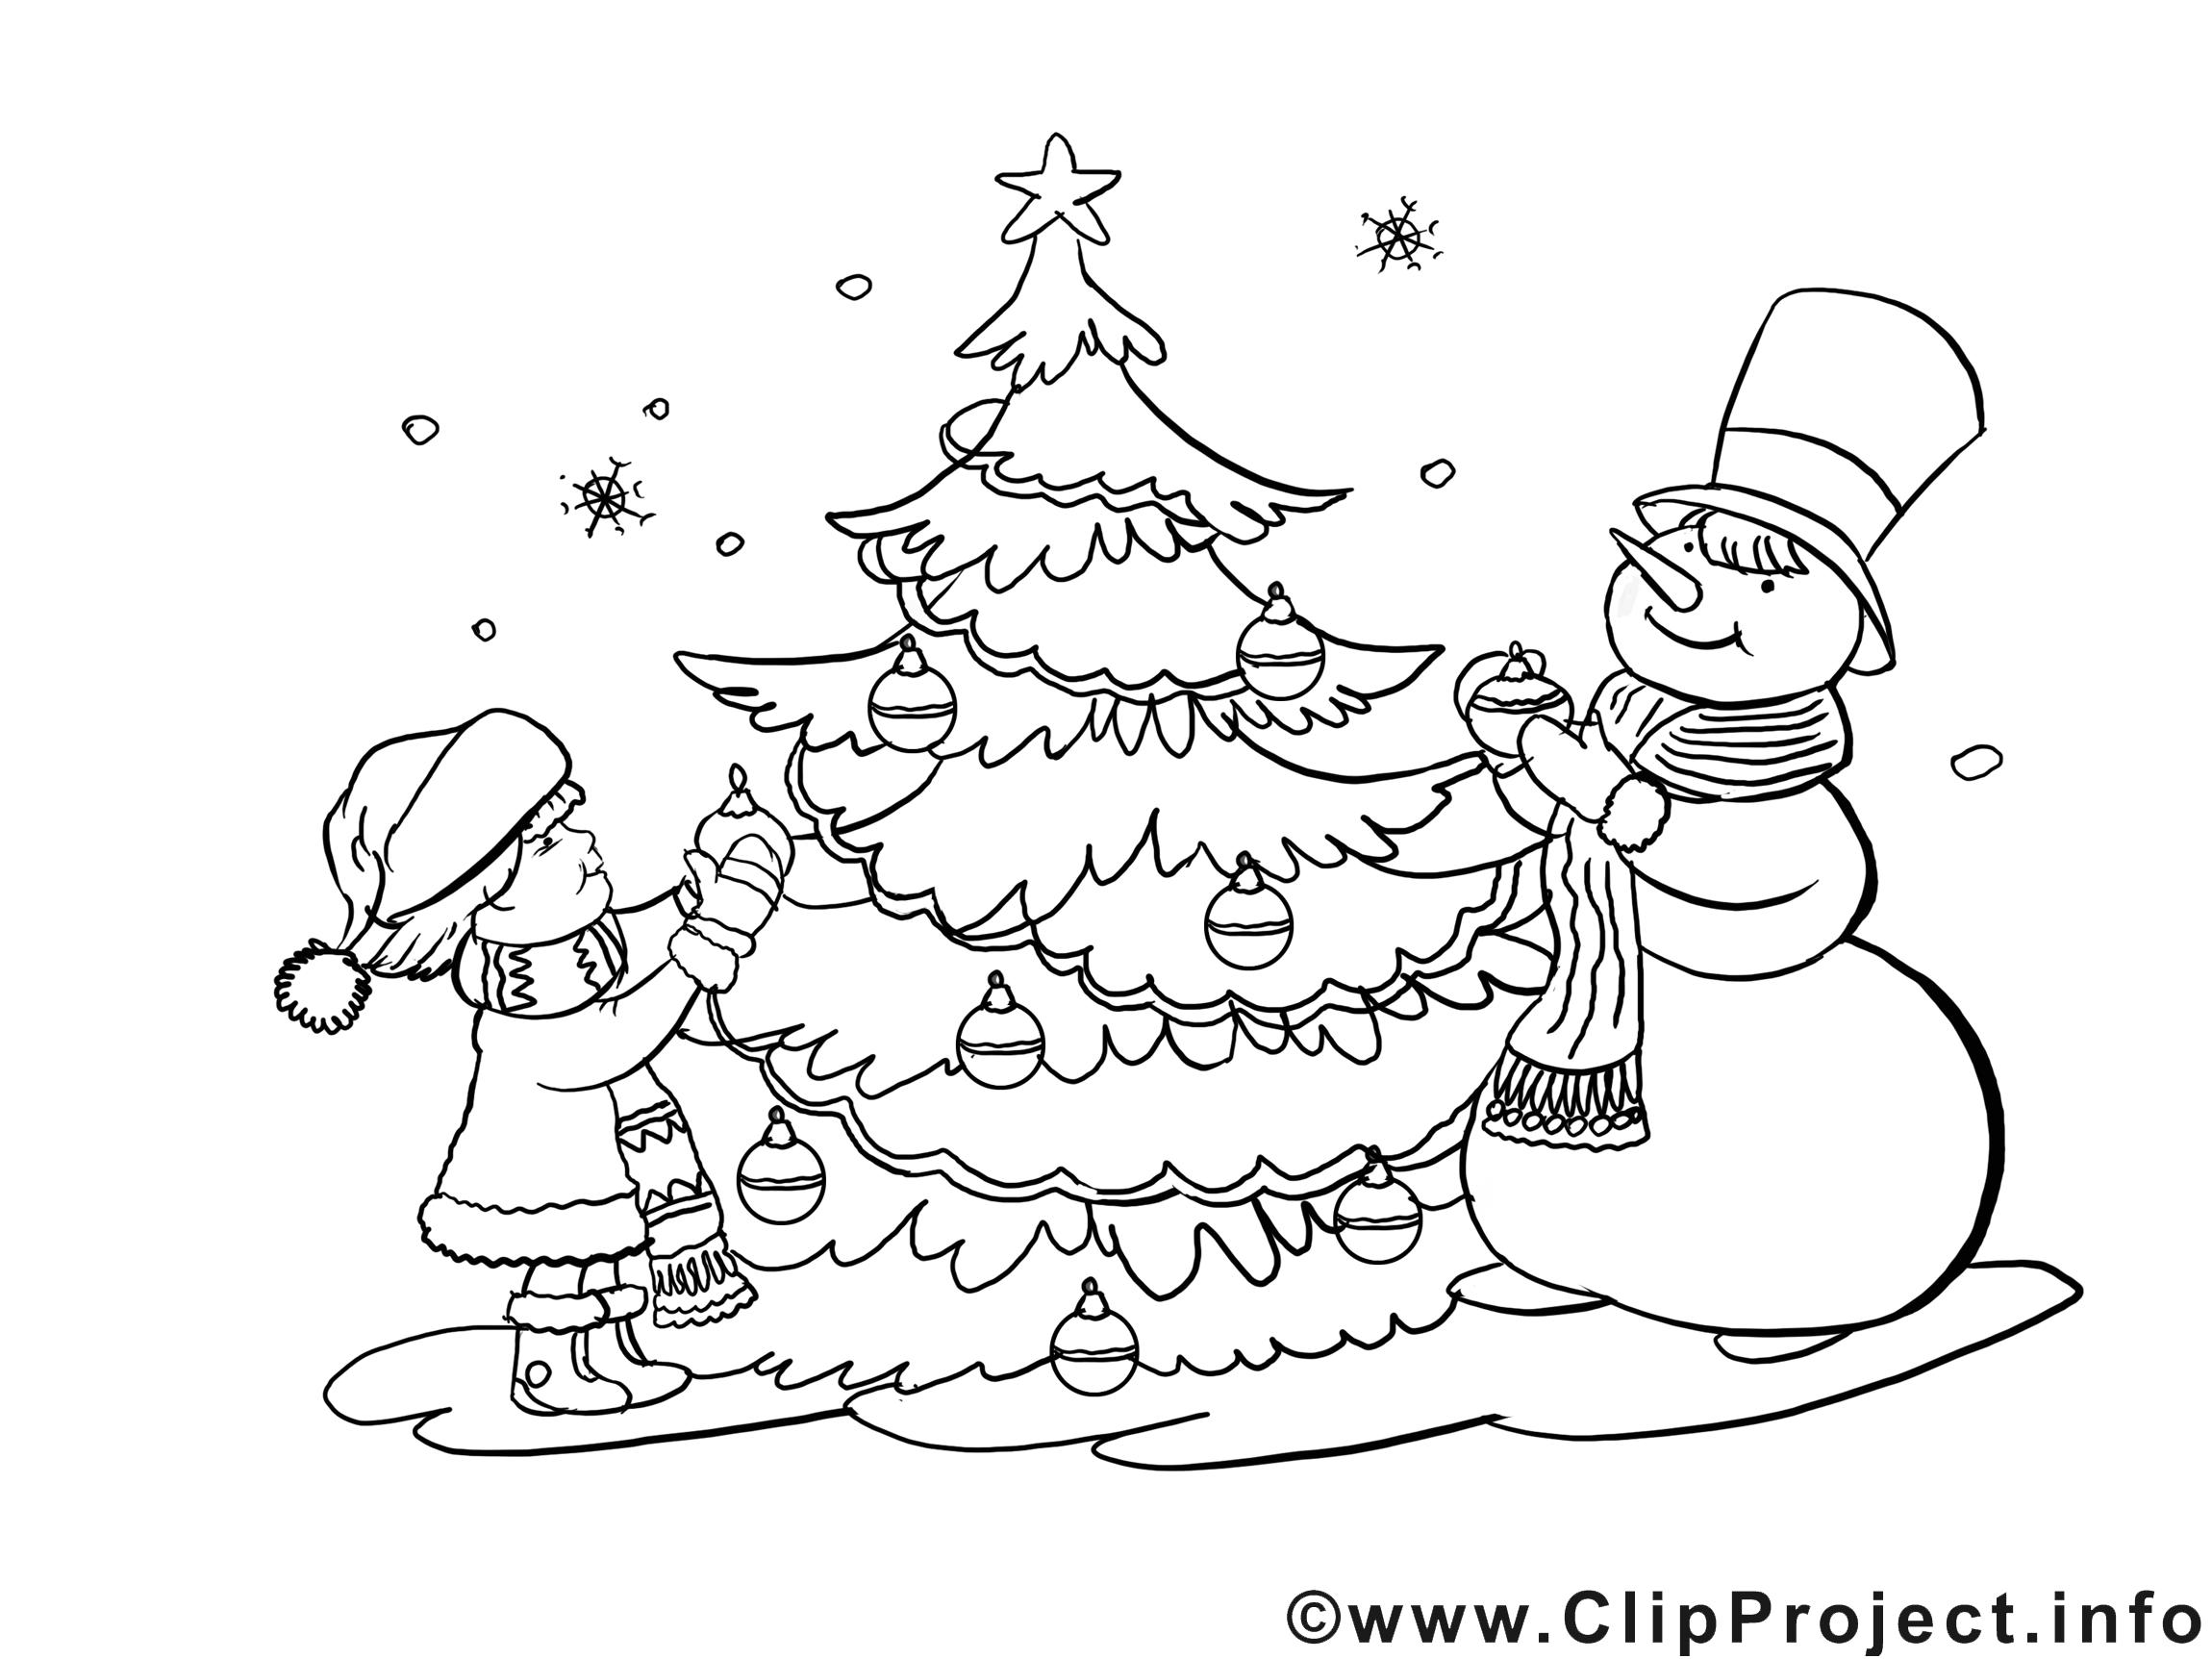 Malvorlage Advent mit Weihnachtbaum, Kinder und Schneemann ...